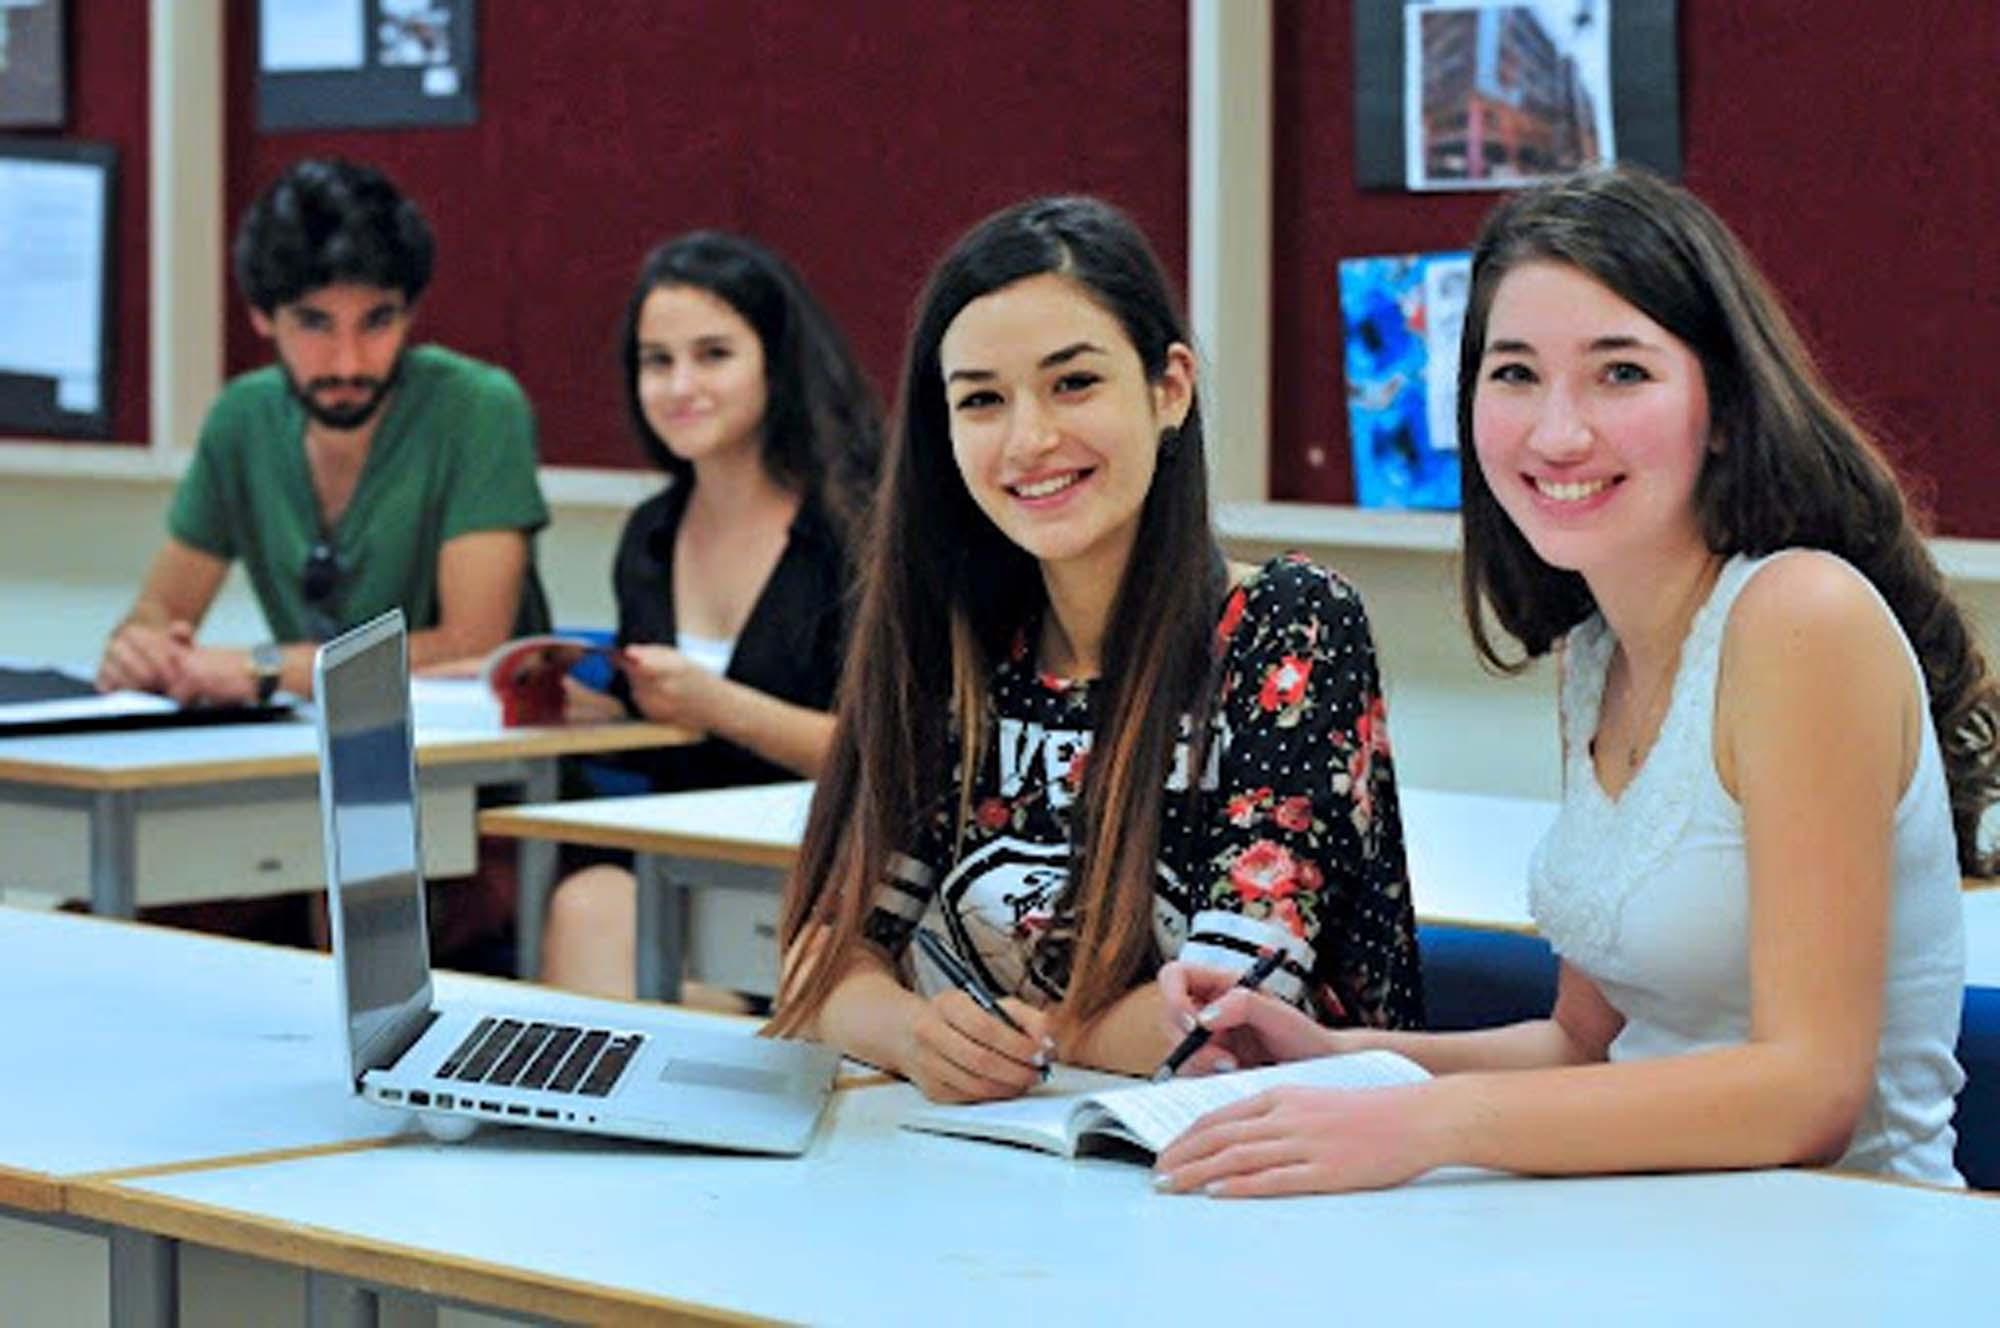 Üniversite kayıtları için gerekli belgeler neler? ÖSYM ile 2021 Üniversite kaydı için gereken belgeler ve evraklar nedir?